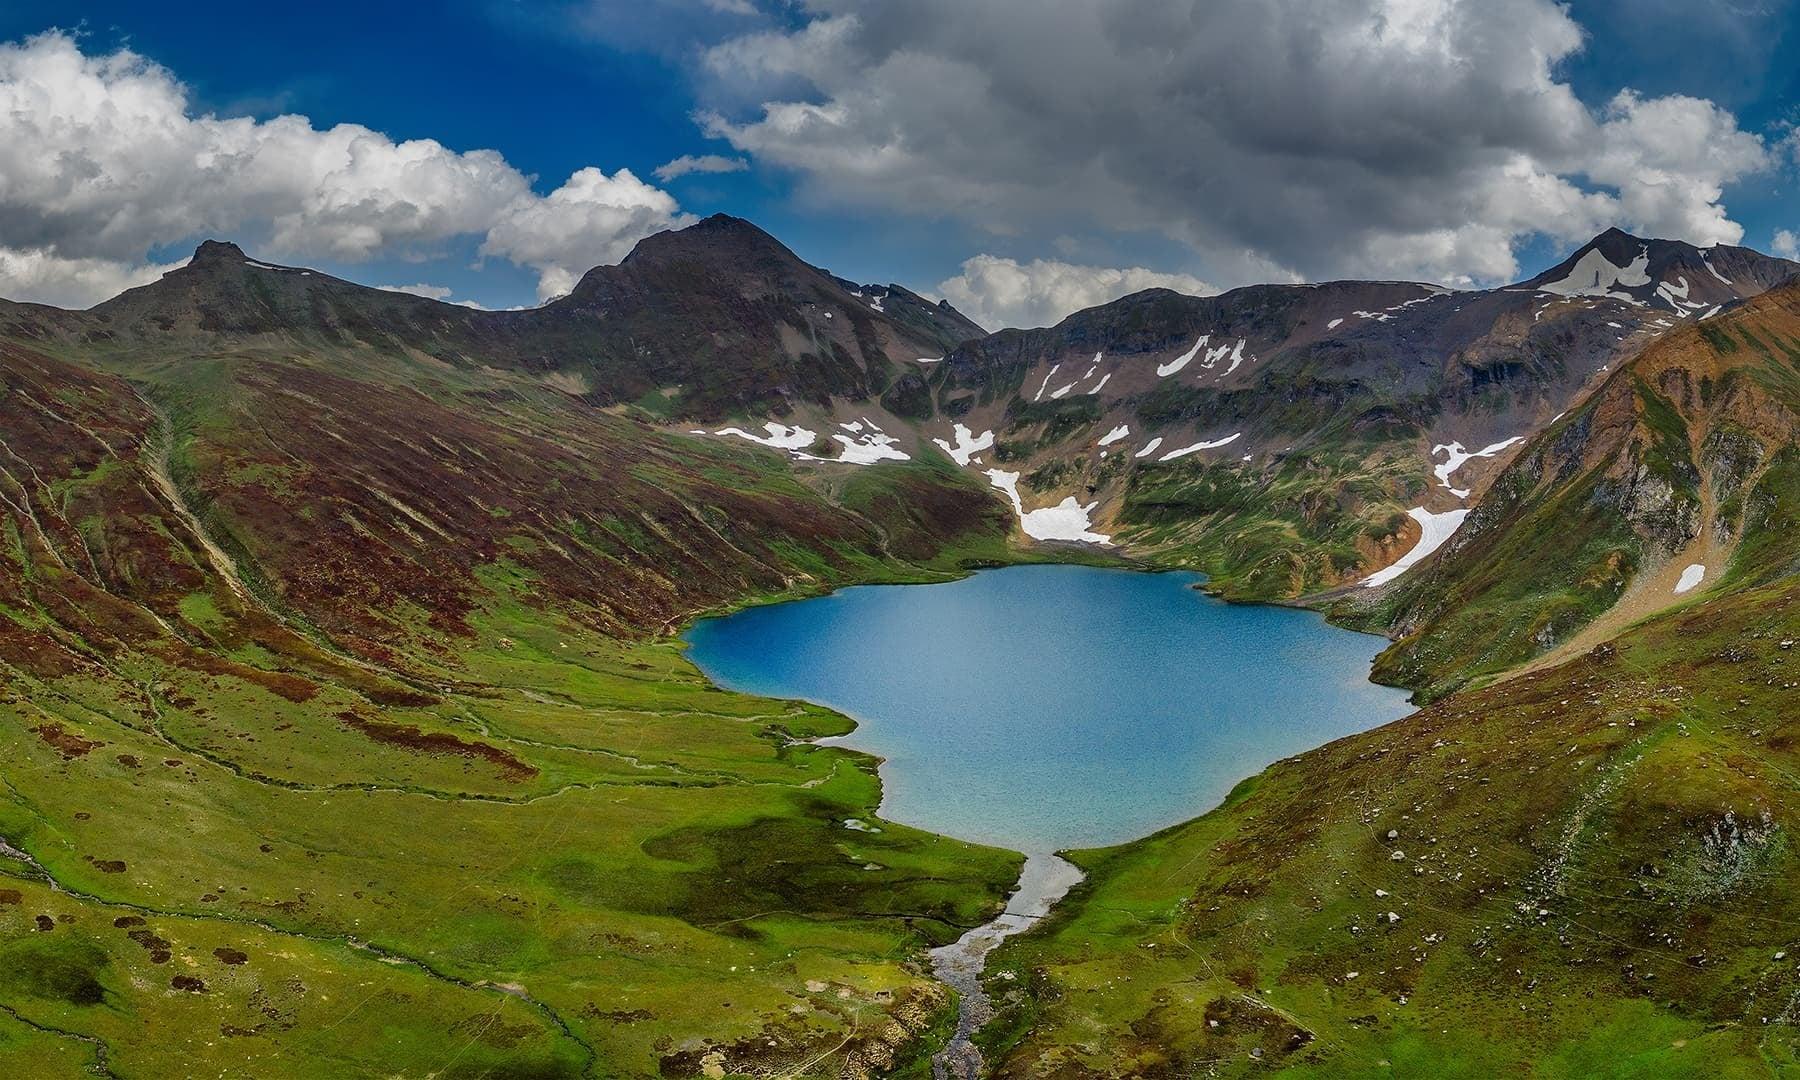 Aerial view of Dudipatsar Lake. — Photo by Syed Mehdi Bukhari